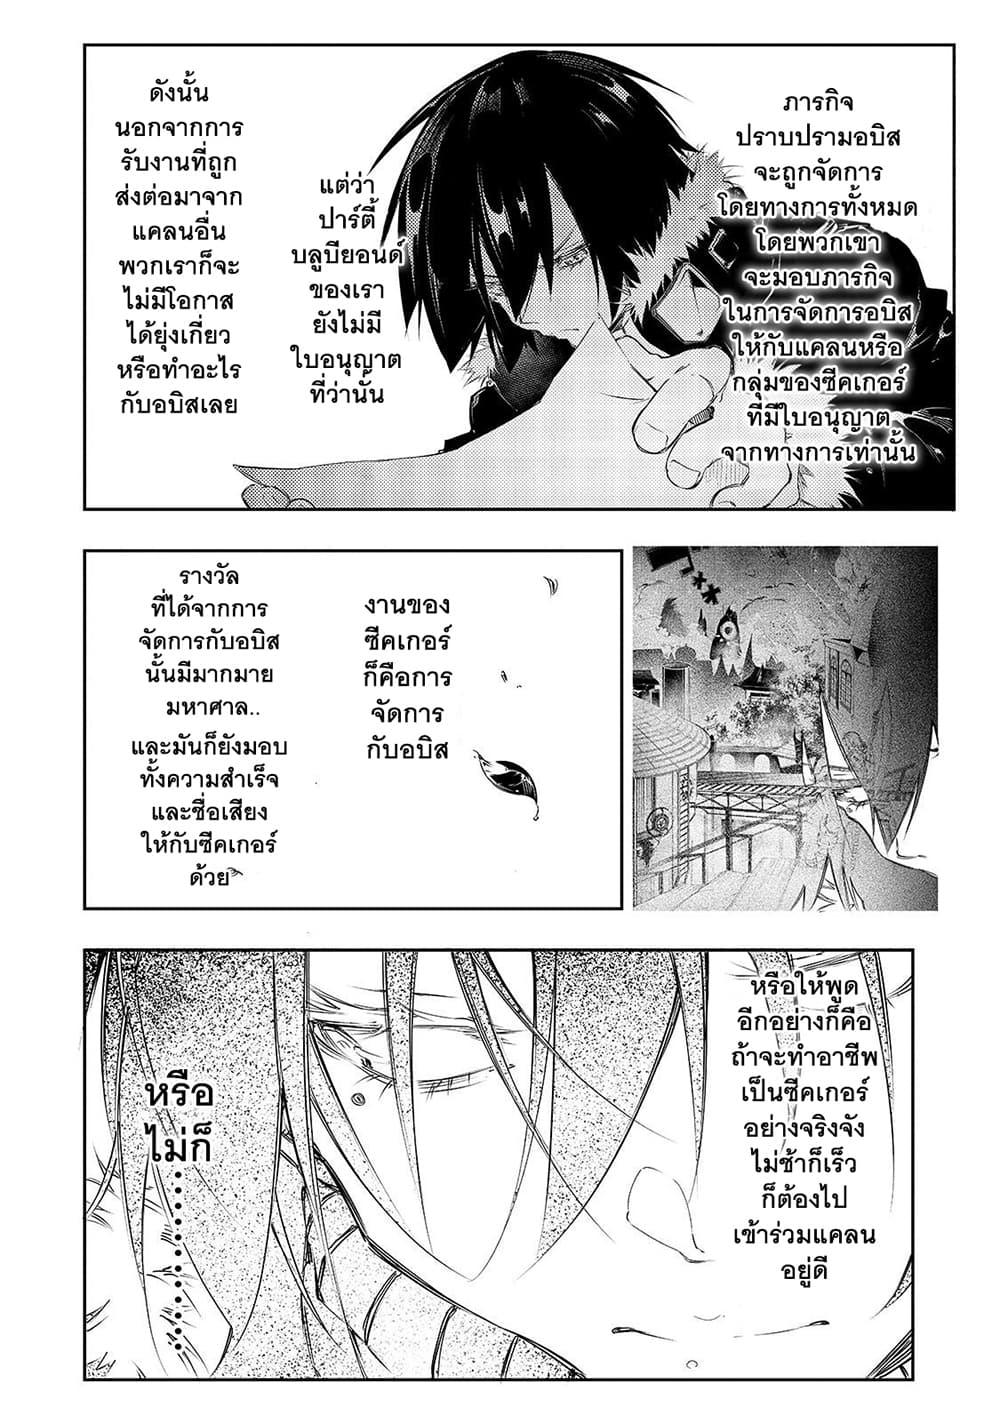 อ่านการ์ตูน Saikyou no Shien-shoku Wajutsushi Dearu Ore wa Sekai Saikyou Kuran o Shitagaeru ตอนที่ 3 หน้าที่ 15